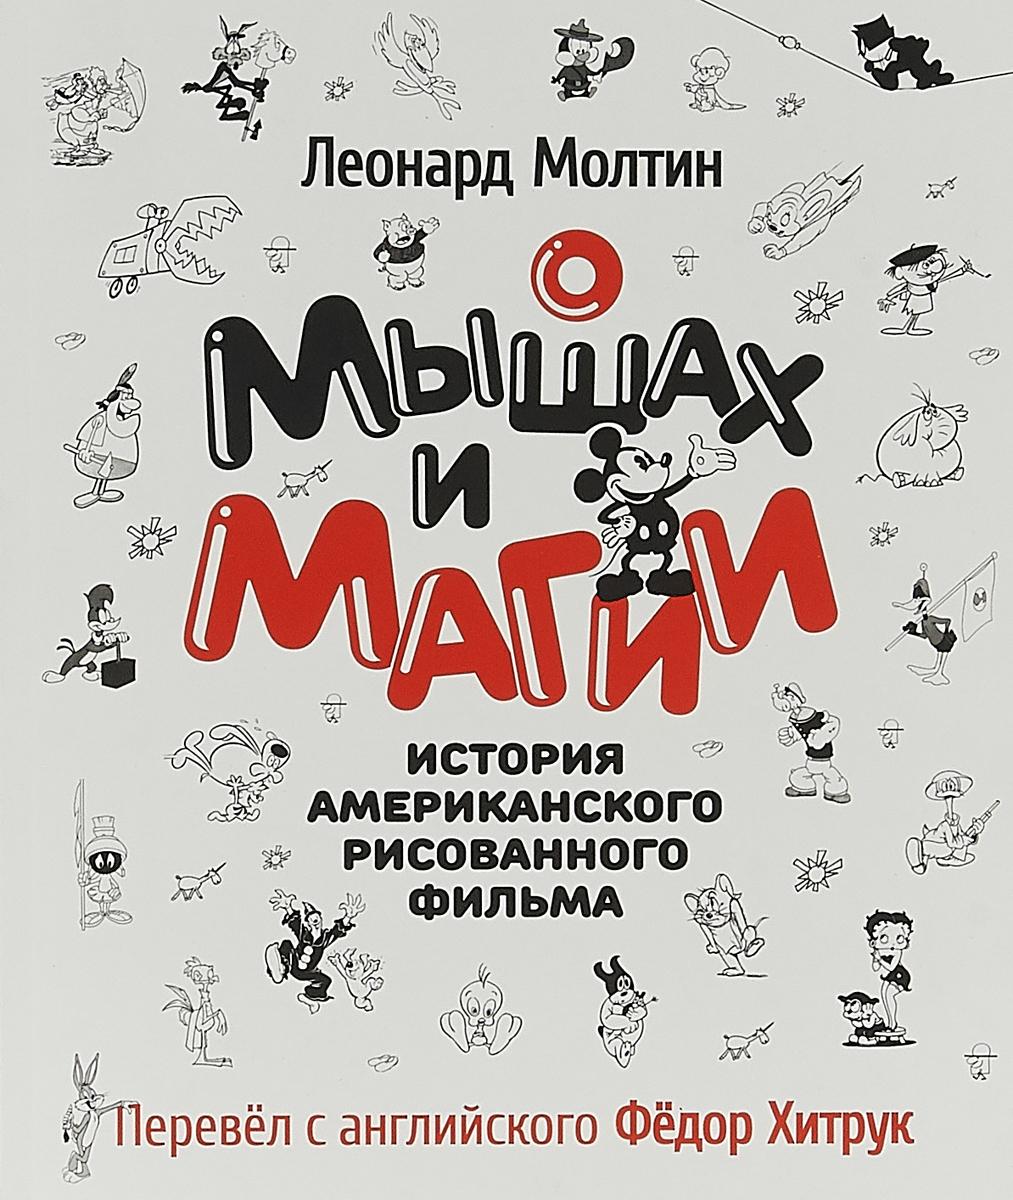 Л.Молтин Молтин Л. О мышах и магии. История американского рисованного фильма перевод Ф.Хитрука